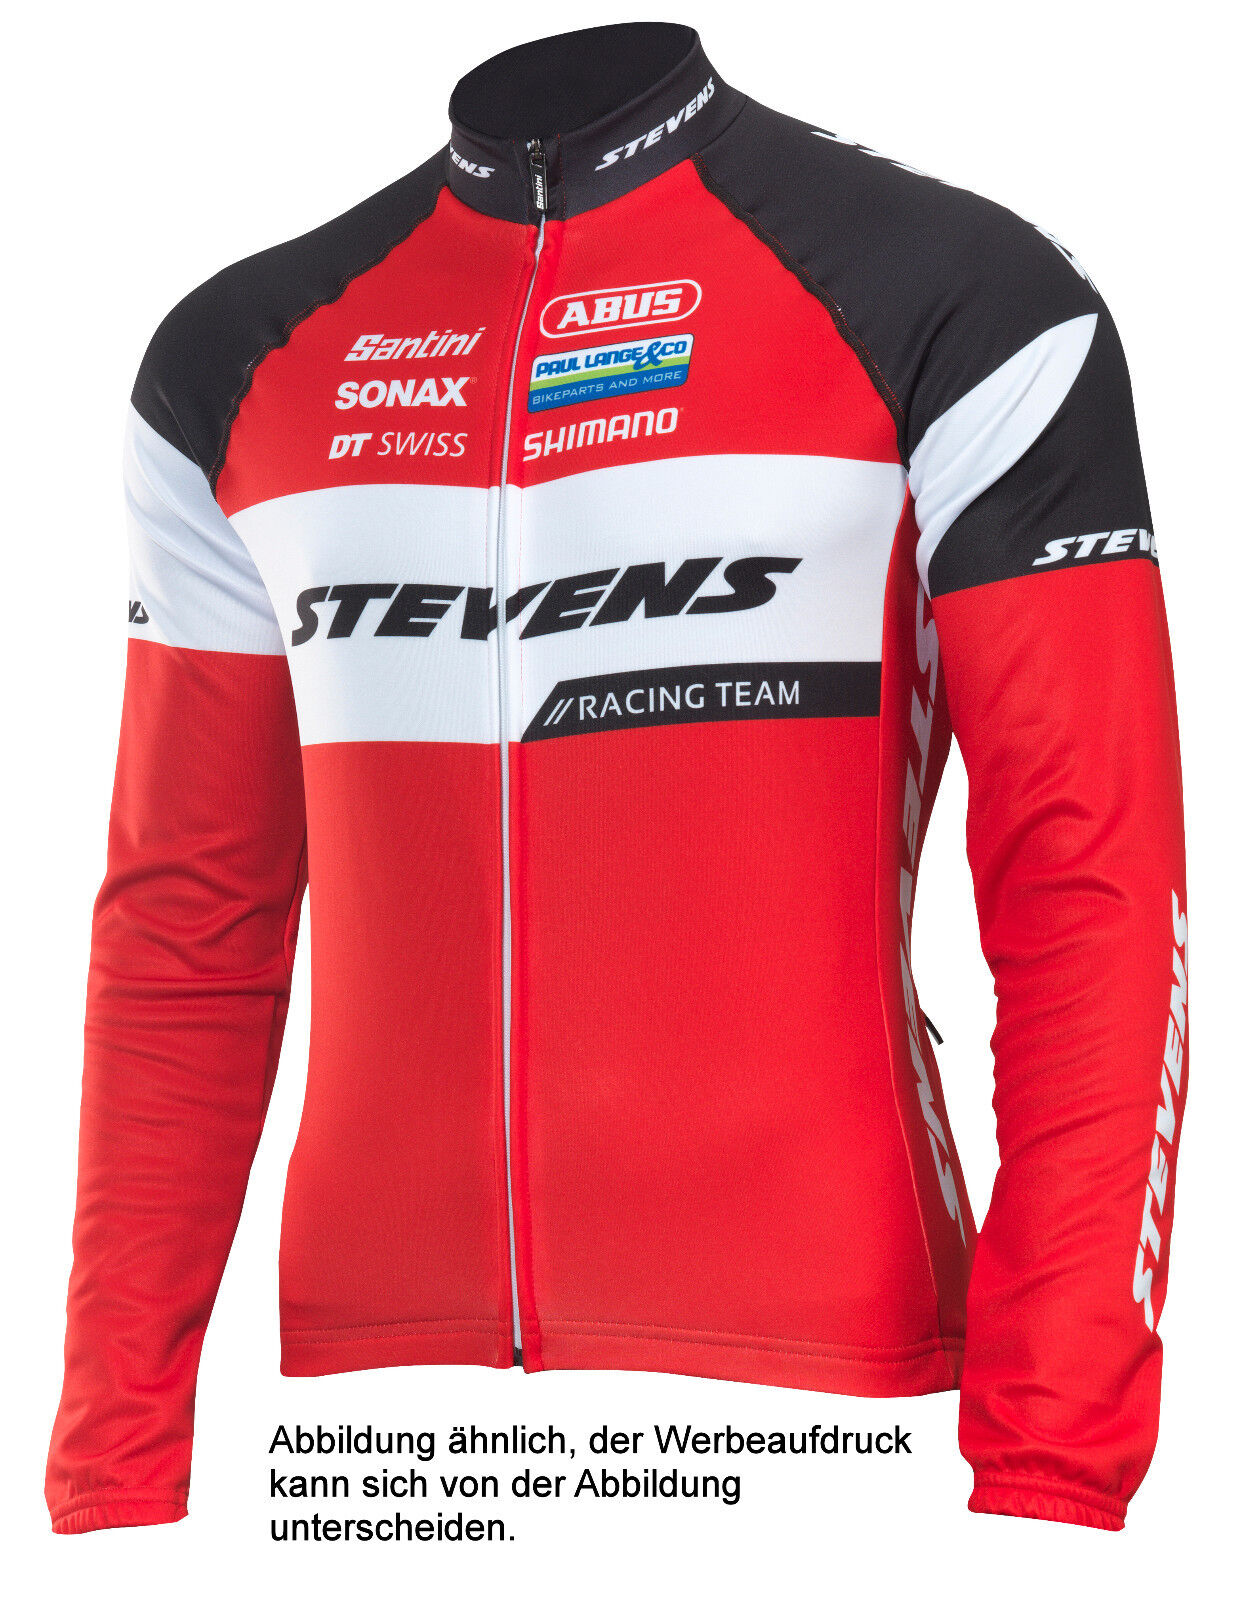 STEVENS Wintertrikot langarm Racing Team 2.0 Rot Schwarz Weiss Fahrrad Gr. XXL